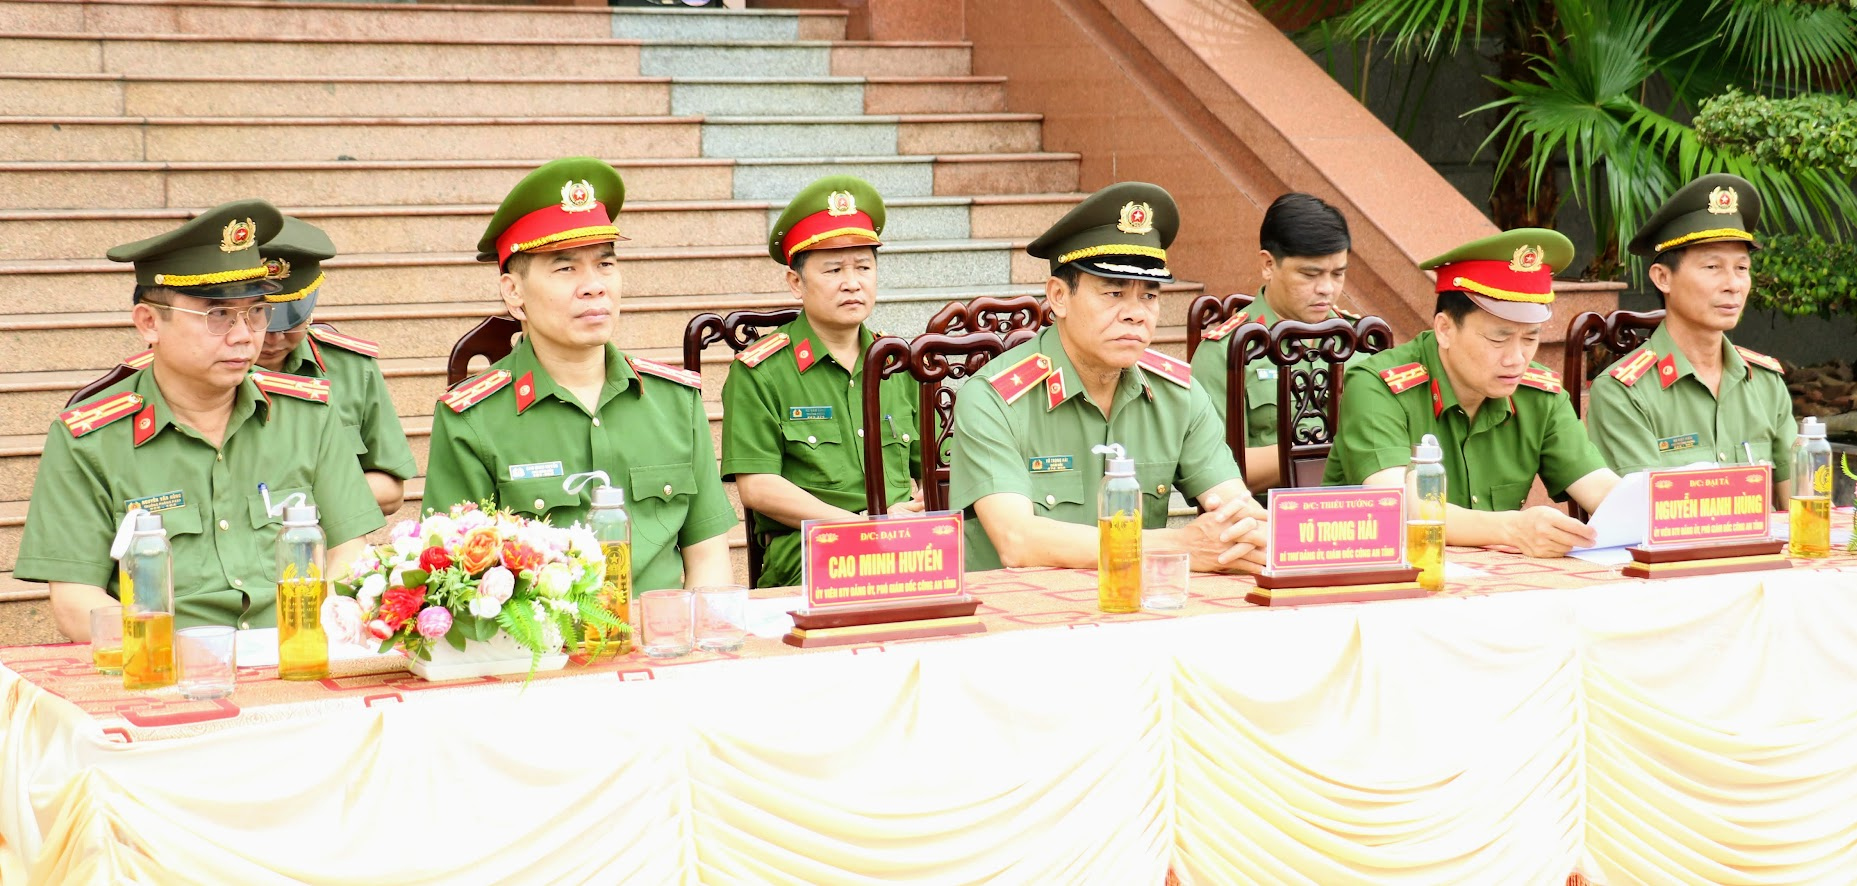 Thiếu tướng Võ Trọng Hải, Ủy viên Ban thường vụ Tỉnh ủy, Bí thư, Giám đốc Công an tỉnh và các đồng chí trong Ban Giám đốc Công an tỉnh dự, chỉ đạo.